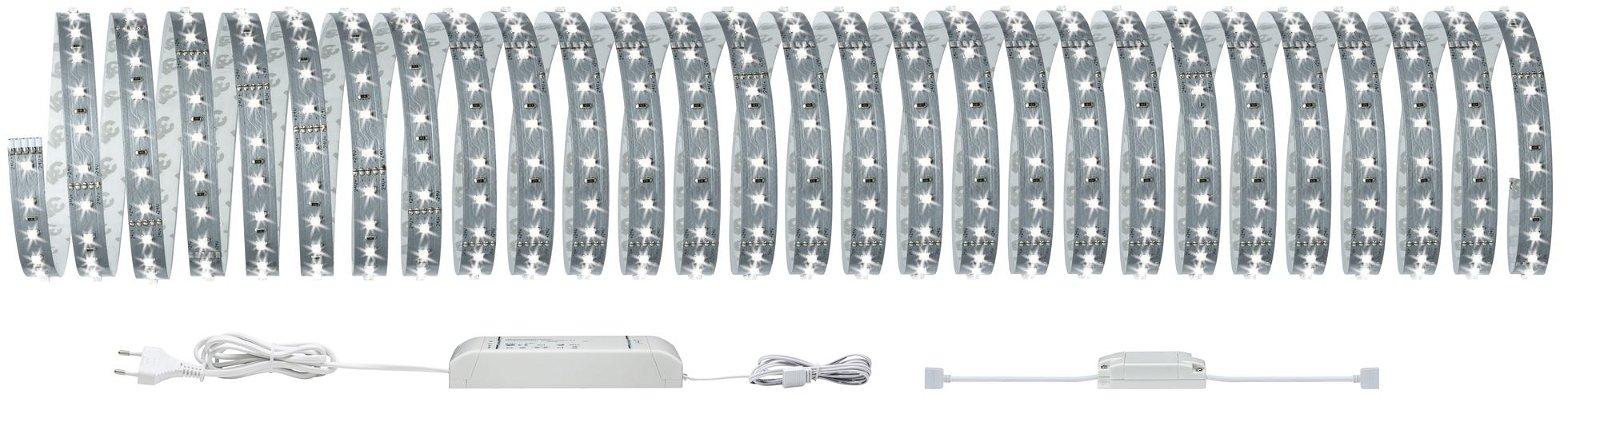 MaxLED 500 LED Strip Smart Home Bluetooth Daglichtwit 10m 48,5W 550lm/m 6500K 75VA